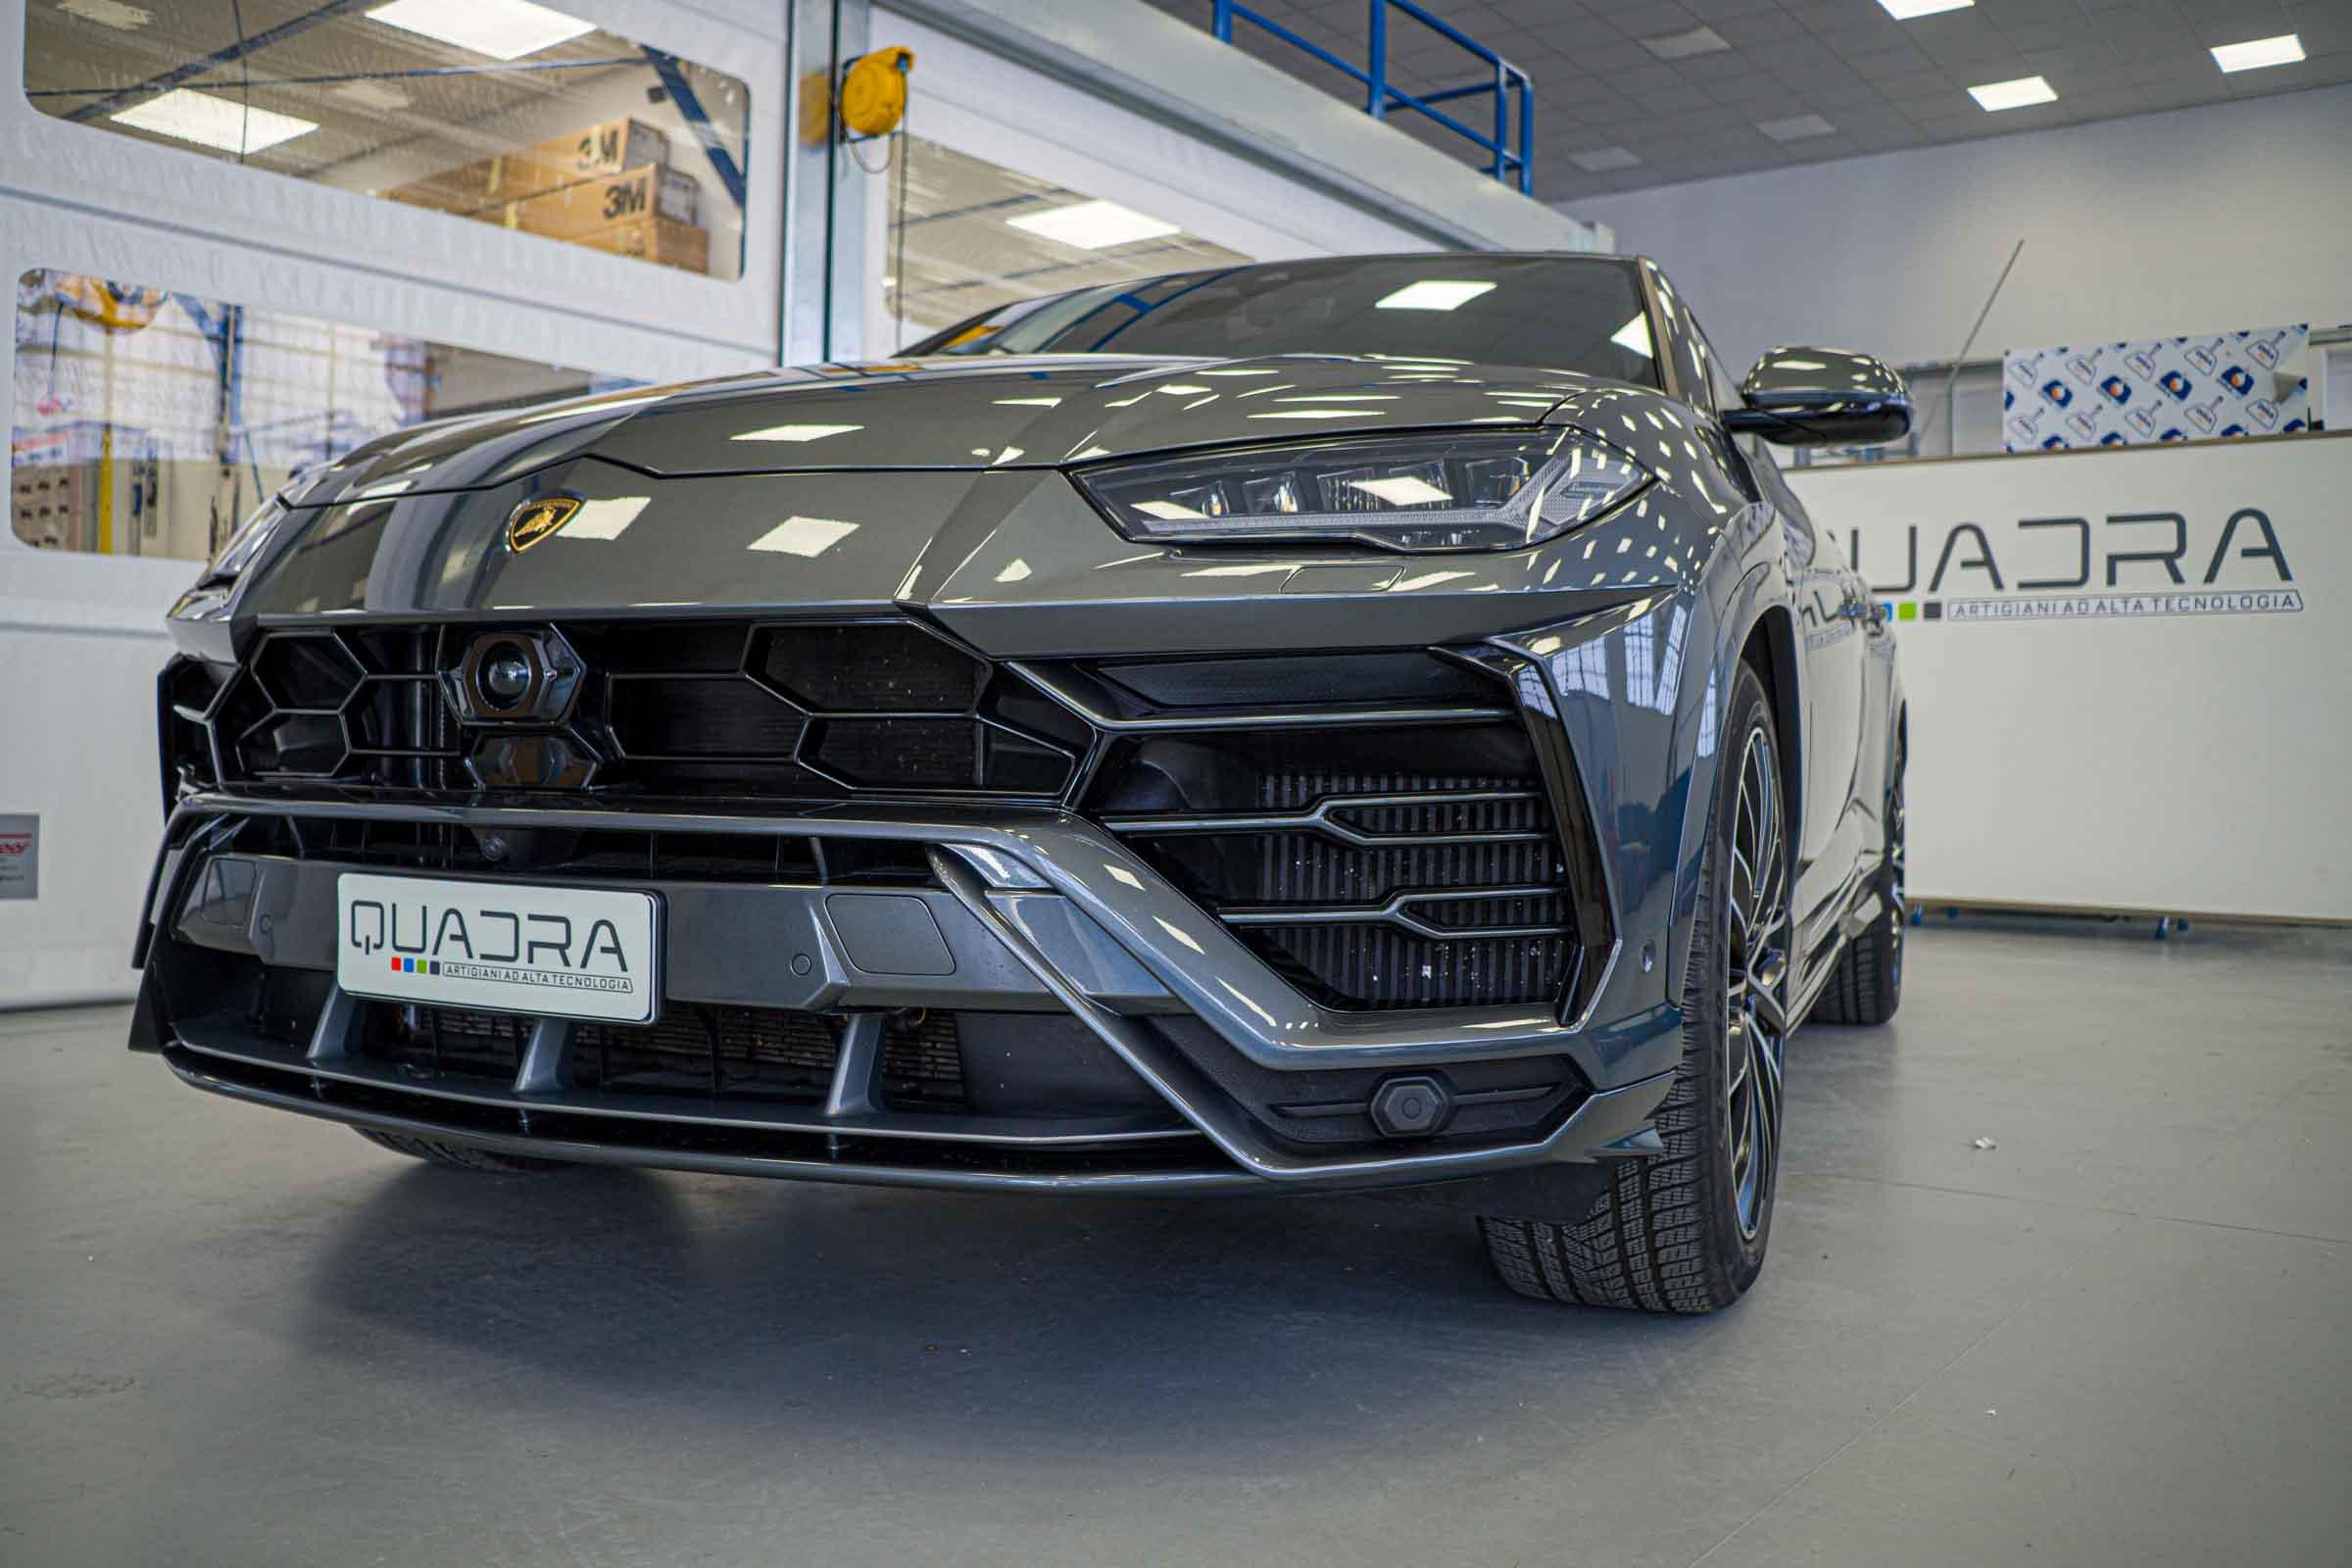 Lamborghini Urus, applicazione Pellicola Protettiva -PPF- Esterno. Vernice Kit Full e Gruppi Ottici (Fari)